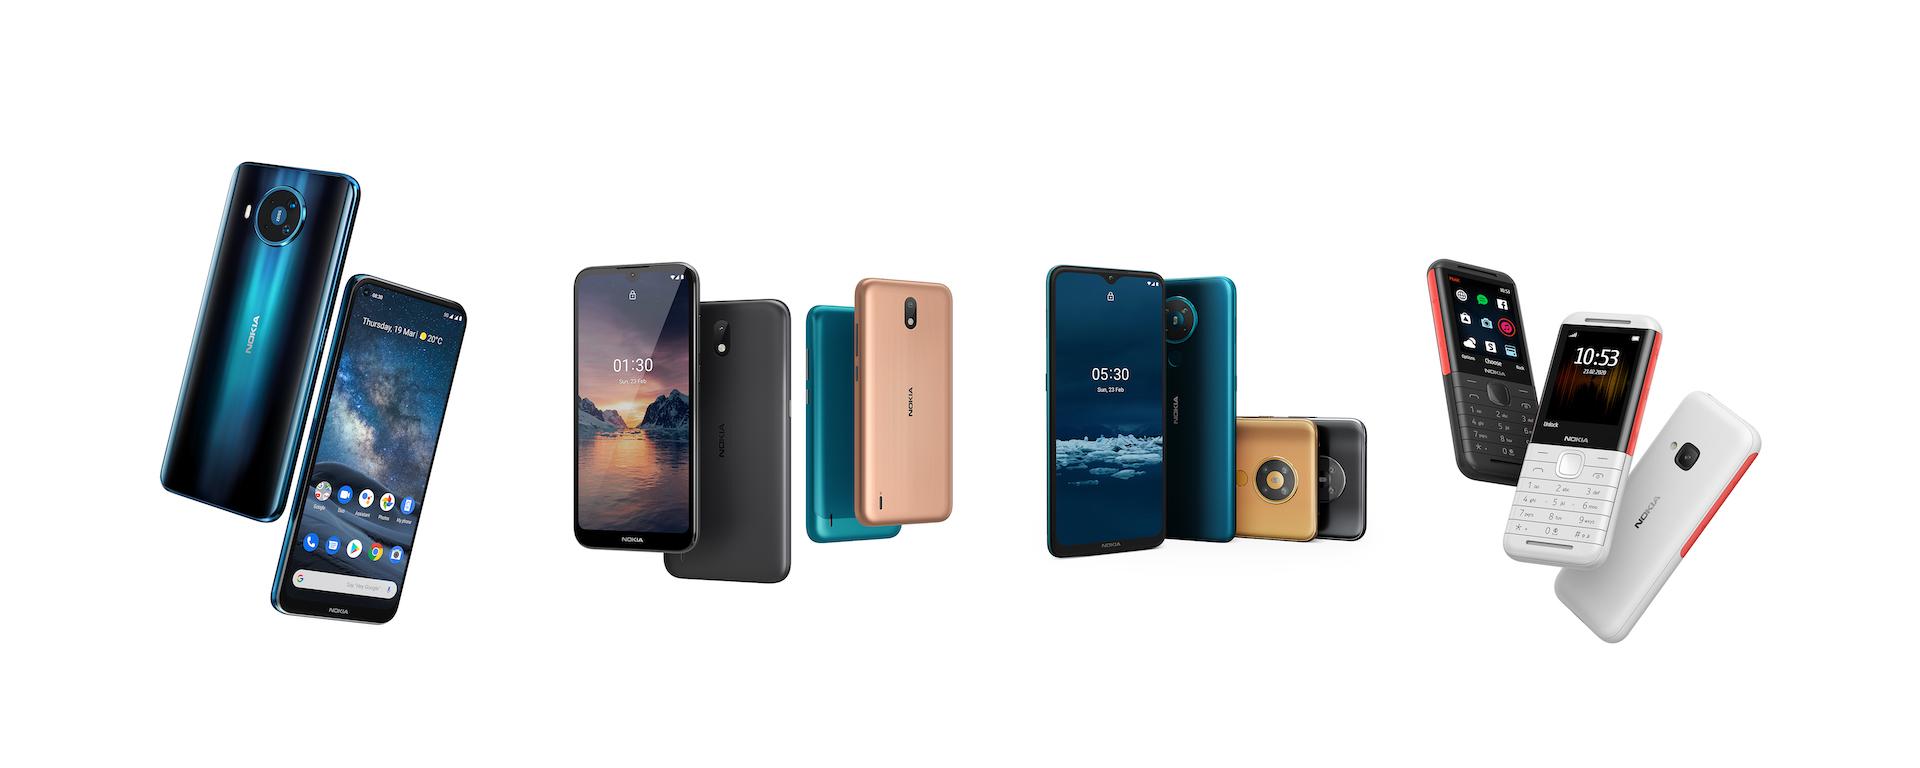 Producent telefonów i smartfonów Nokia zebrał od partnerów strategicznych 230 milionów dolarów inwestycji